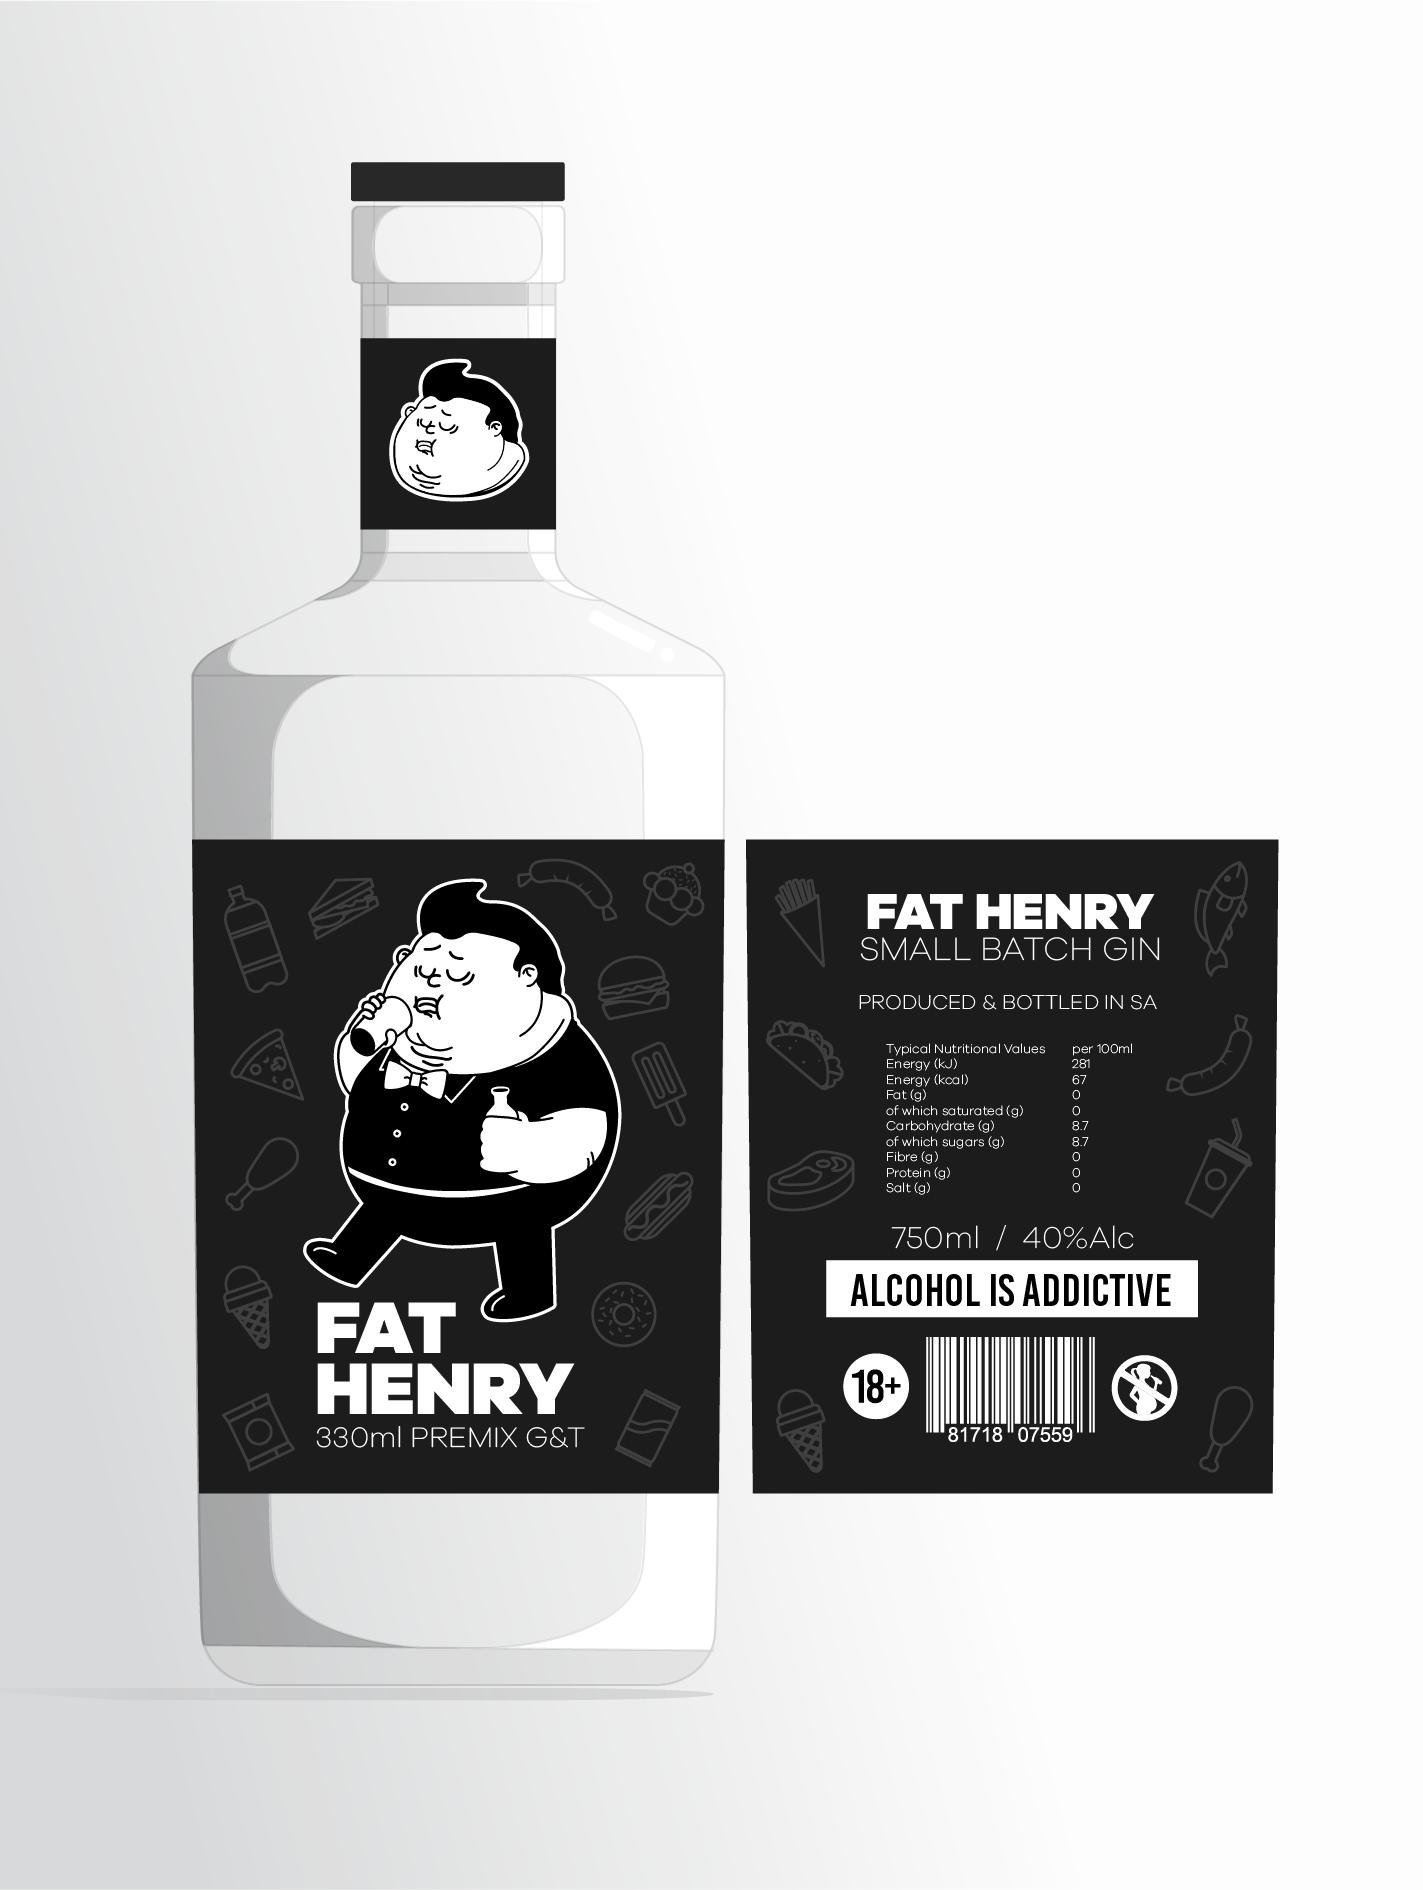 Fat henry bottle-18.png